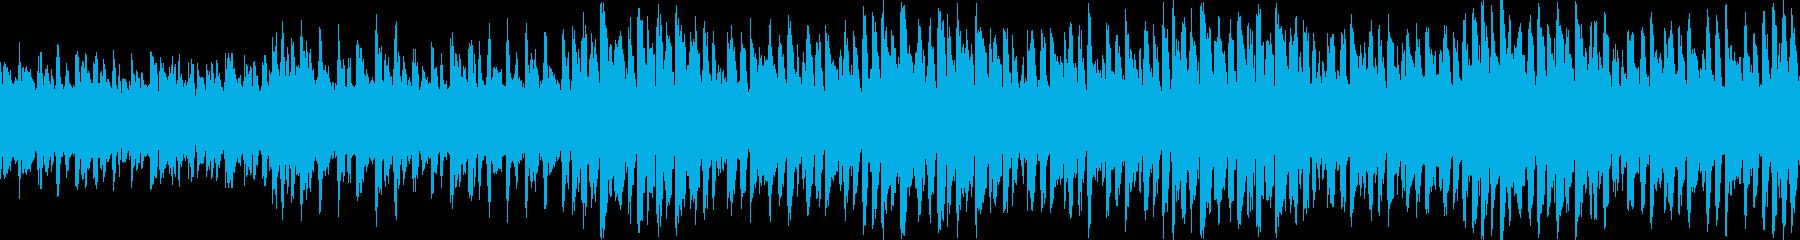 ねがいを思うような曲(ループ仕様)の再生済みの波形